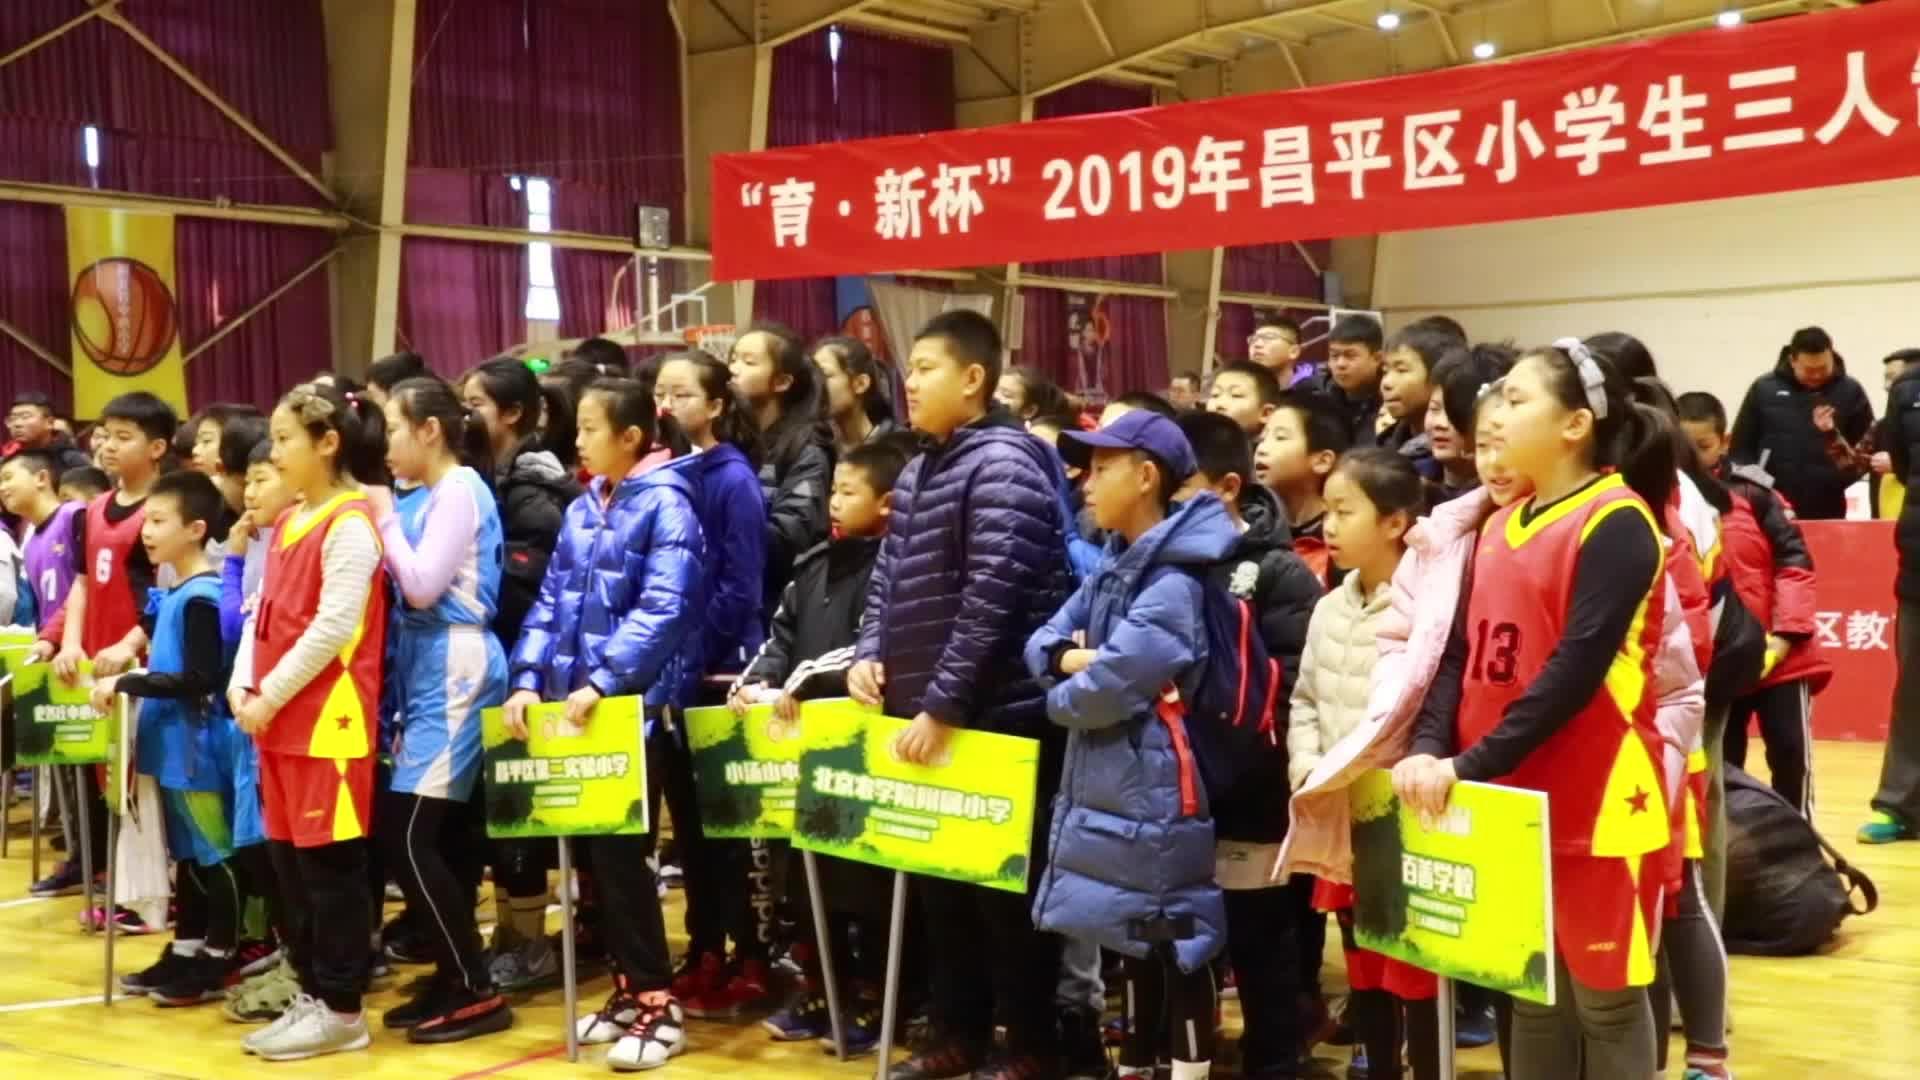 2019昌平区小学生三人制篮球比赛引爆京北